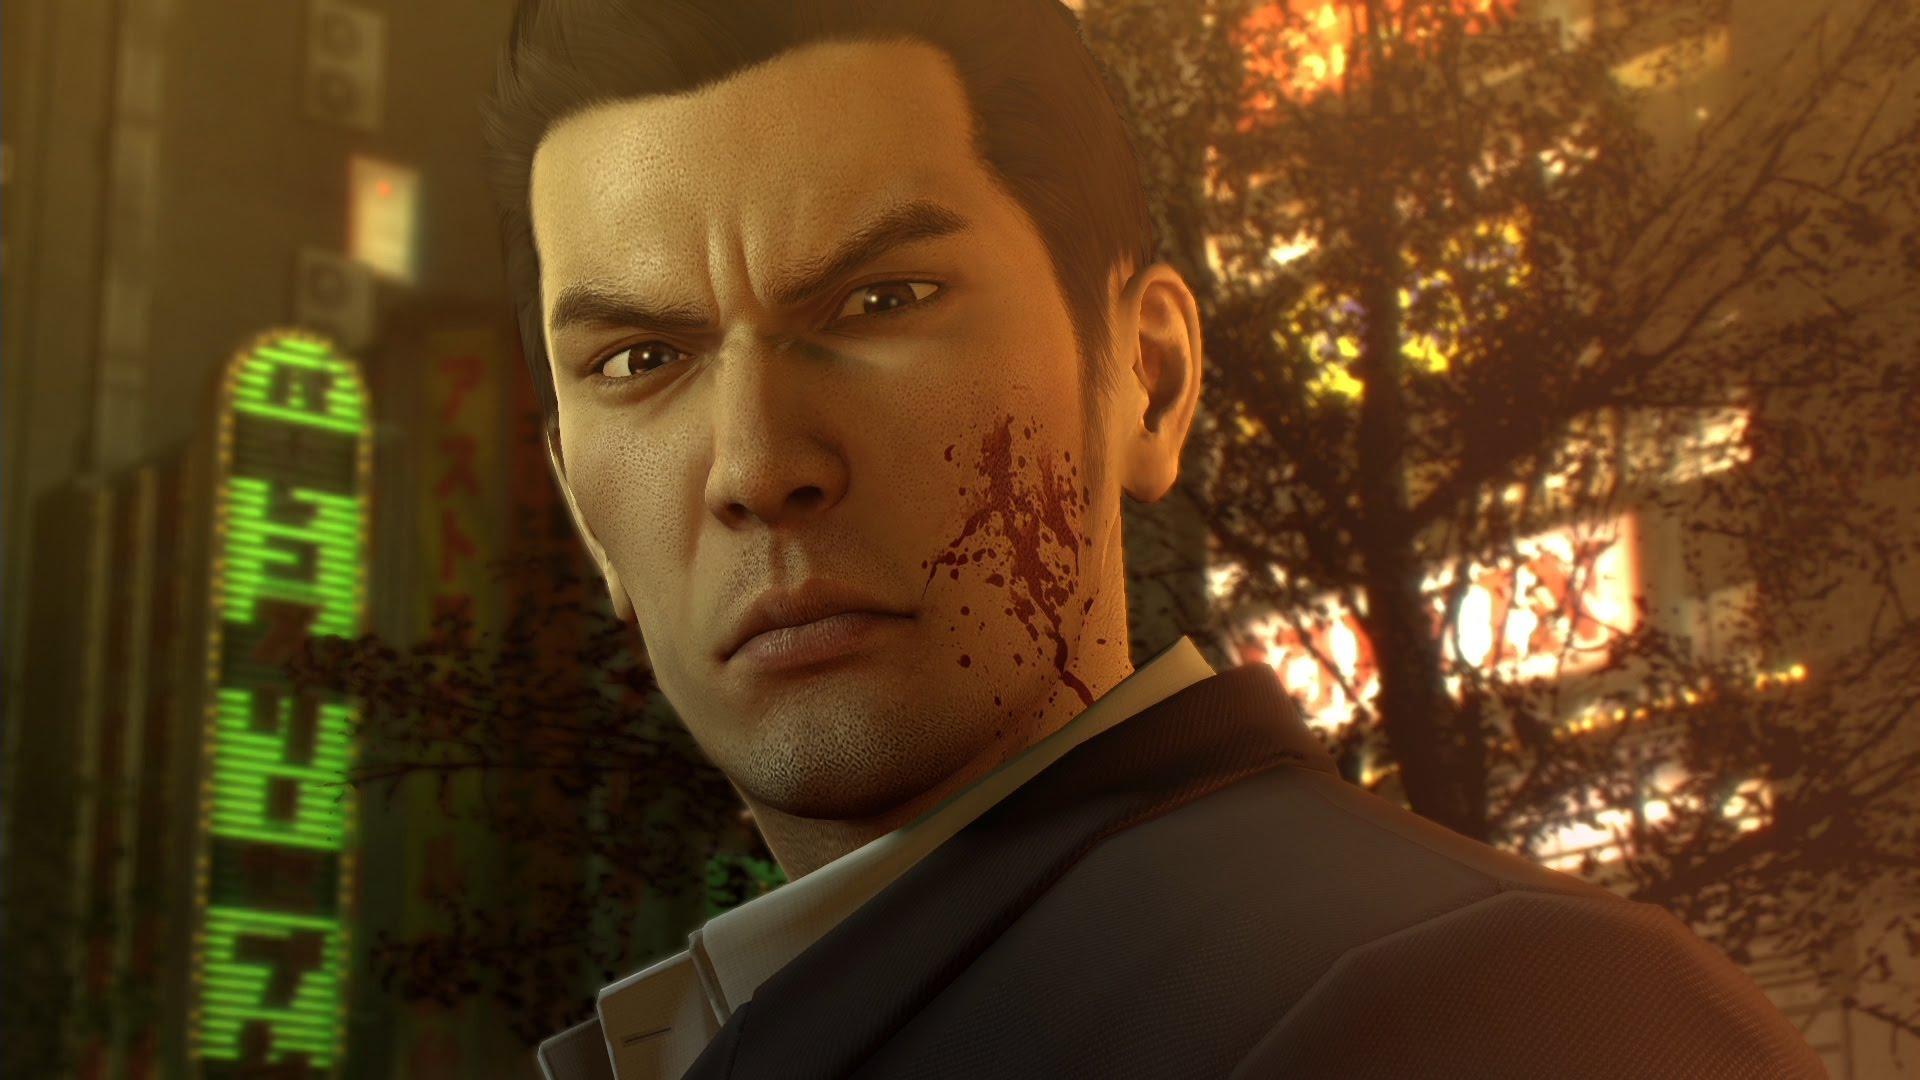 Yakuza 0, Kiwami y Kiwami 2 se podrán jugar de forma gratuita durante el fin de semana con Xbox Live Gold